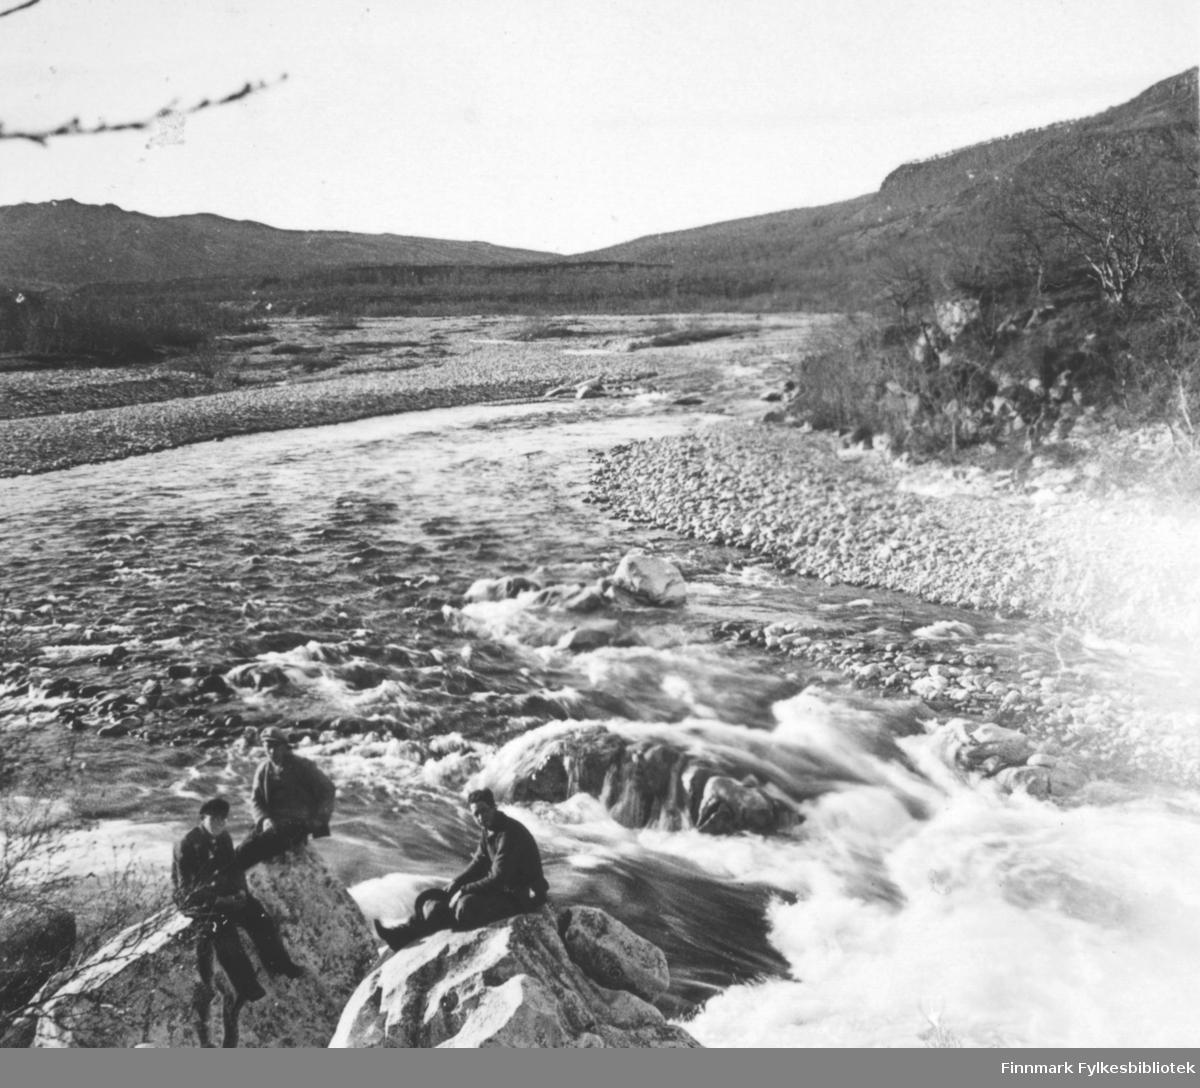 Landskapsbilde fotografert fra Laksefjord. Føran bildet sitter tre menn. Bildet er et stereobilde.